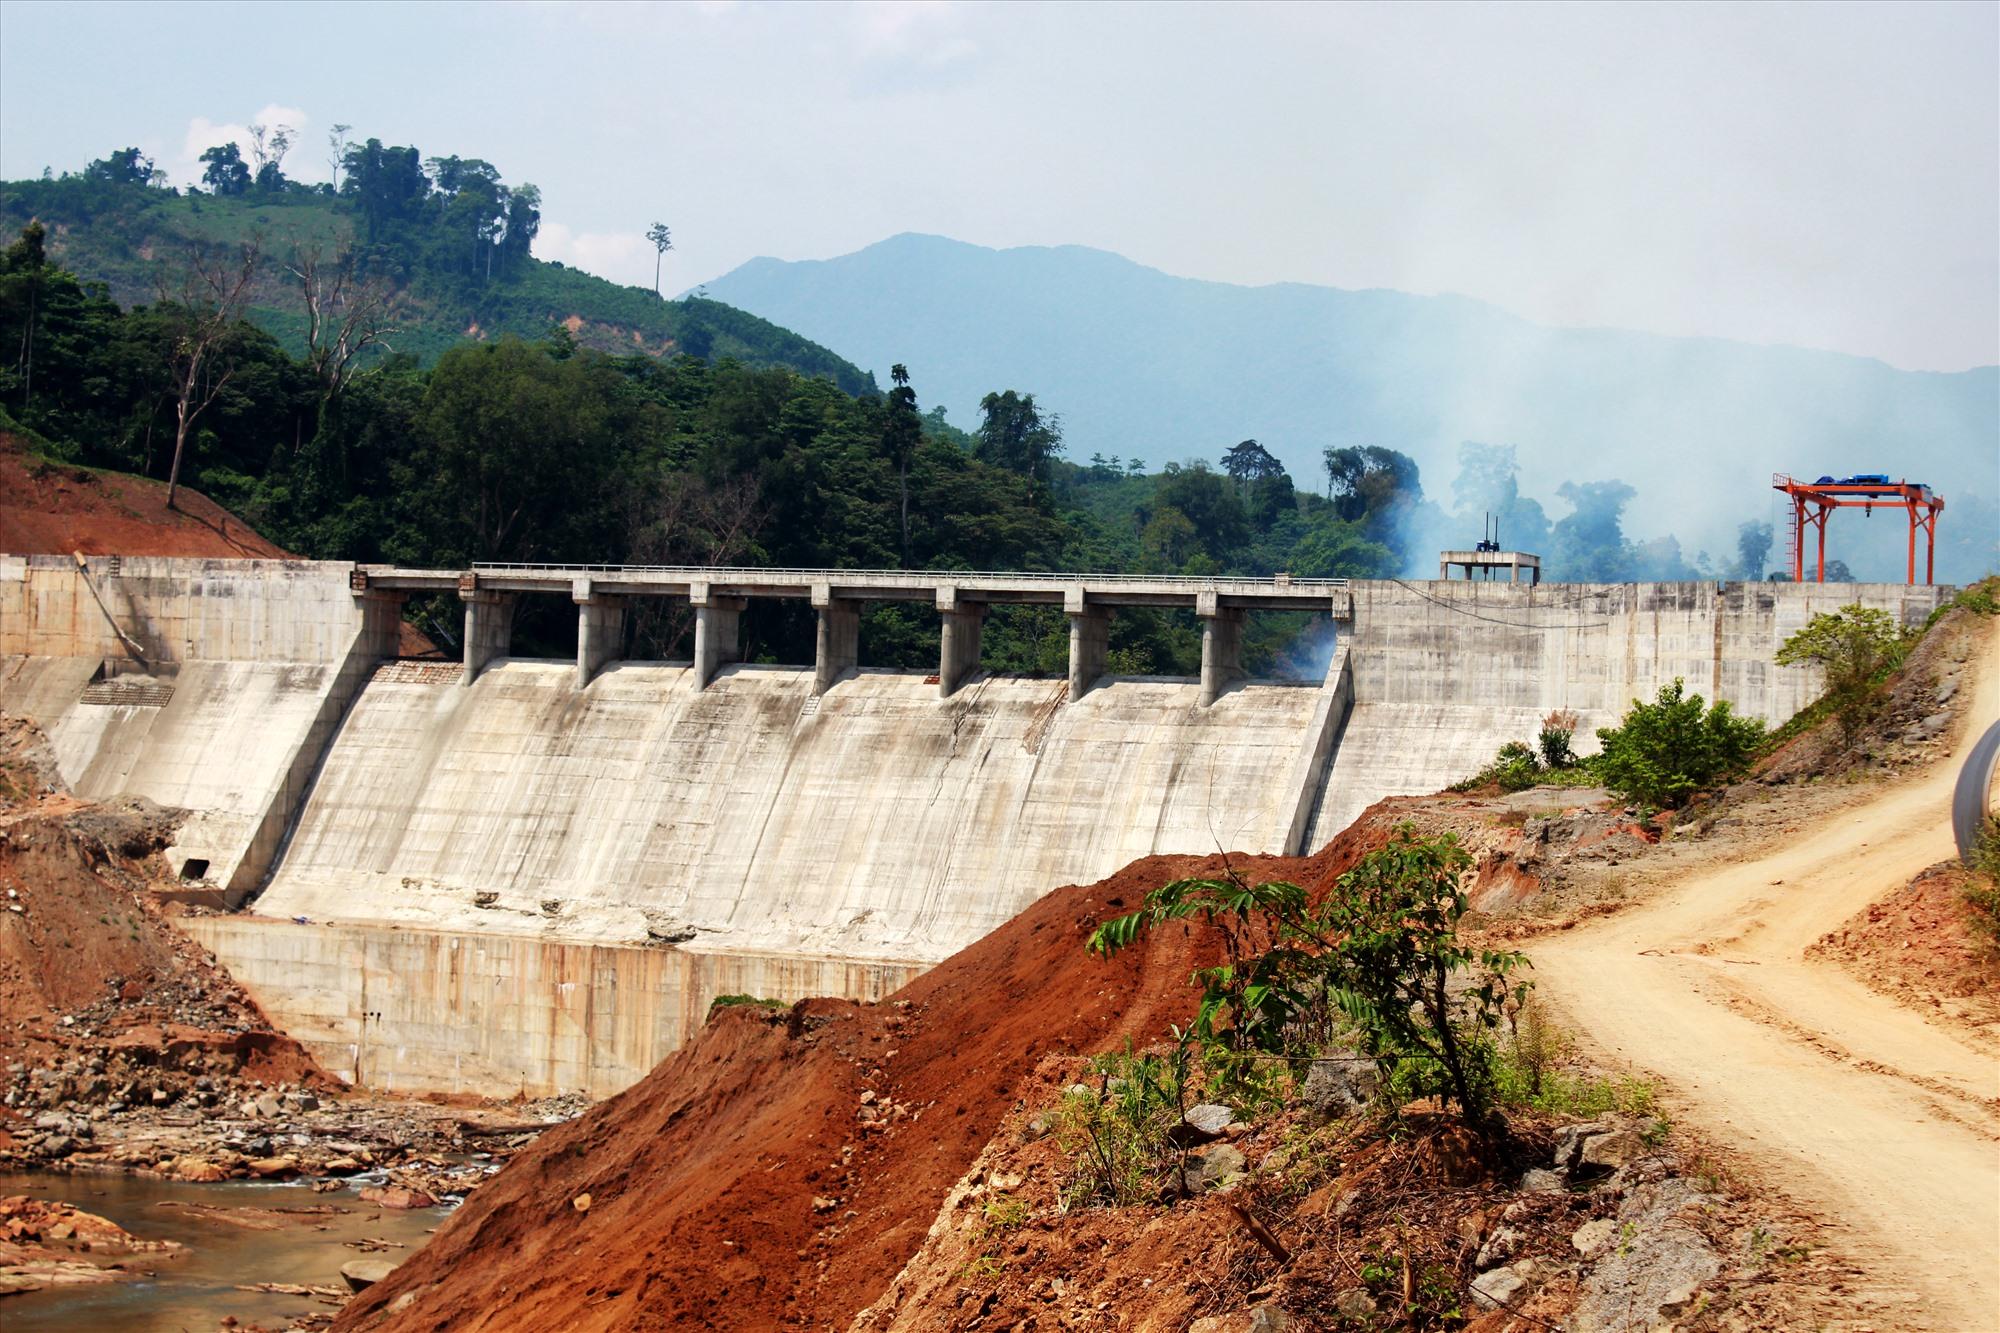 Đập chính thủy điện Nước Chè (xã Phước Năng, Phước Sơn). Thủy điện này hoàn thành khoảng 70 - 85% khối lượng nhưng chưa đền bù cho nhiều hộ dân. Ảnh: T.C